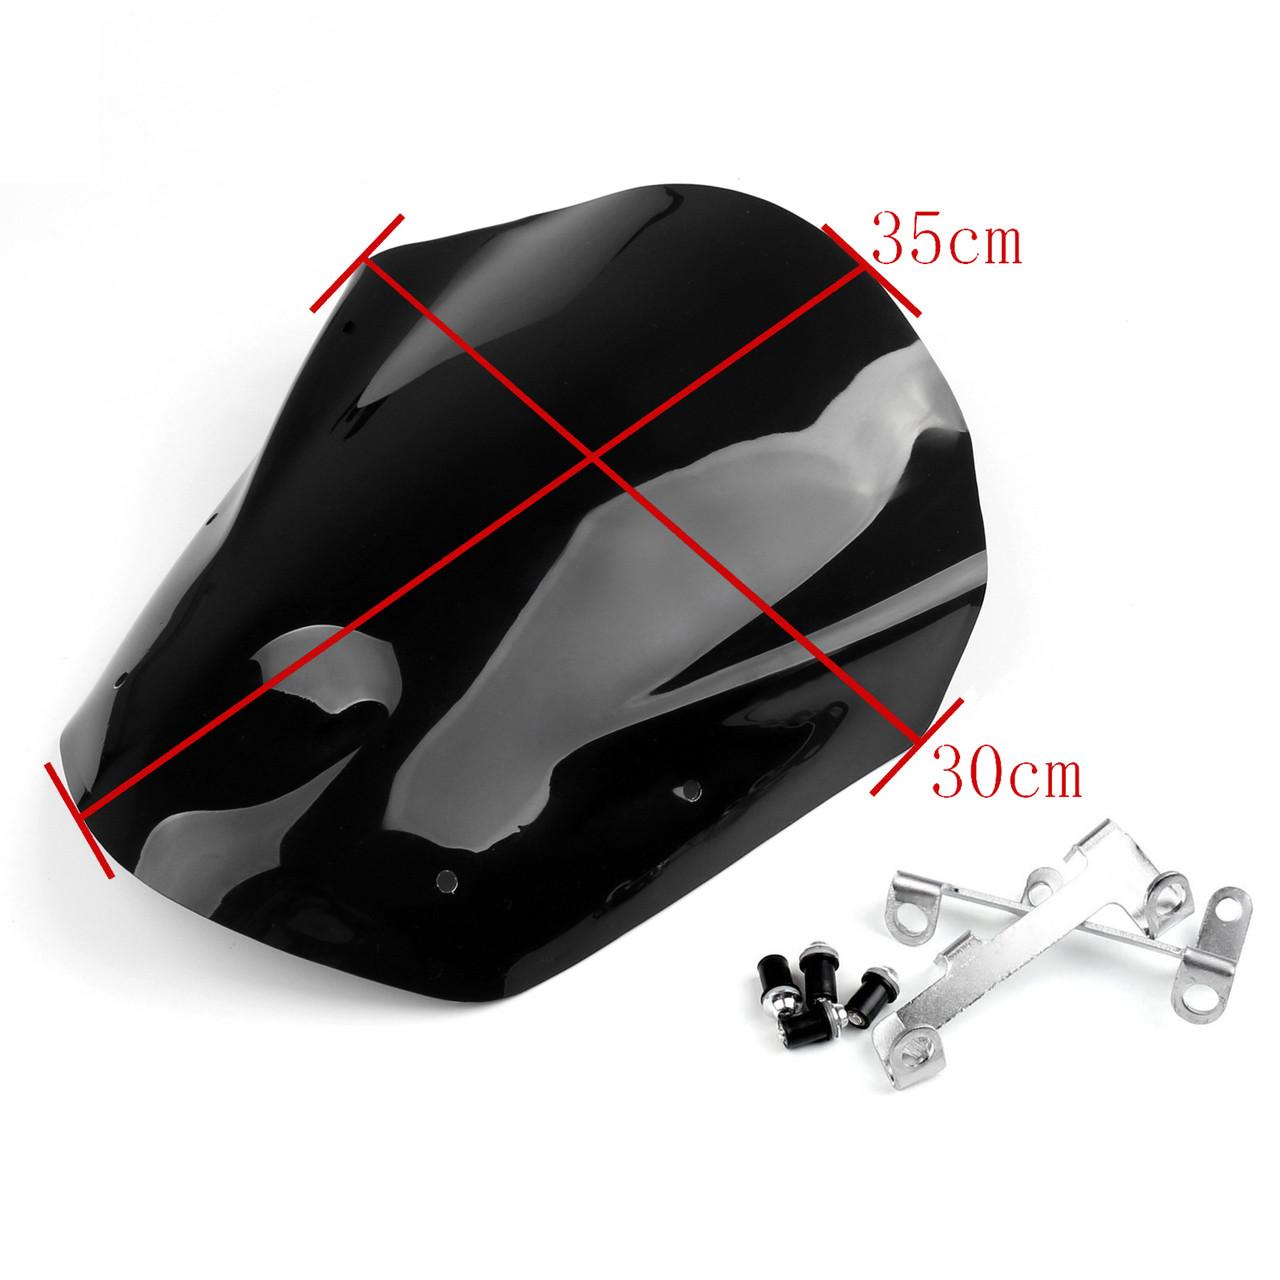 http://www.madhornets.store/AMZ/MotoPart/Windshield/Yamaha/WIN-Y416/WIN-Y416-Black-1.jpg